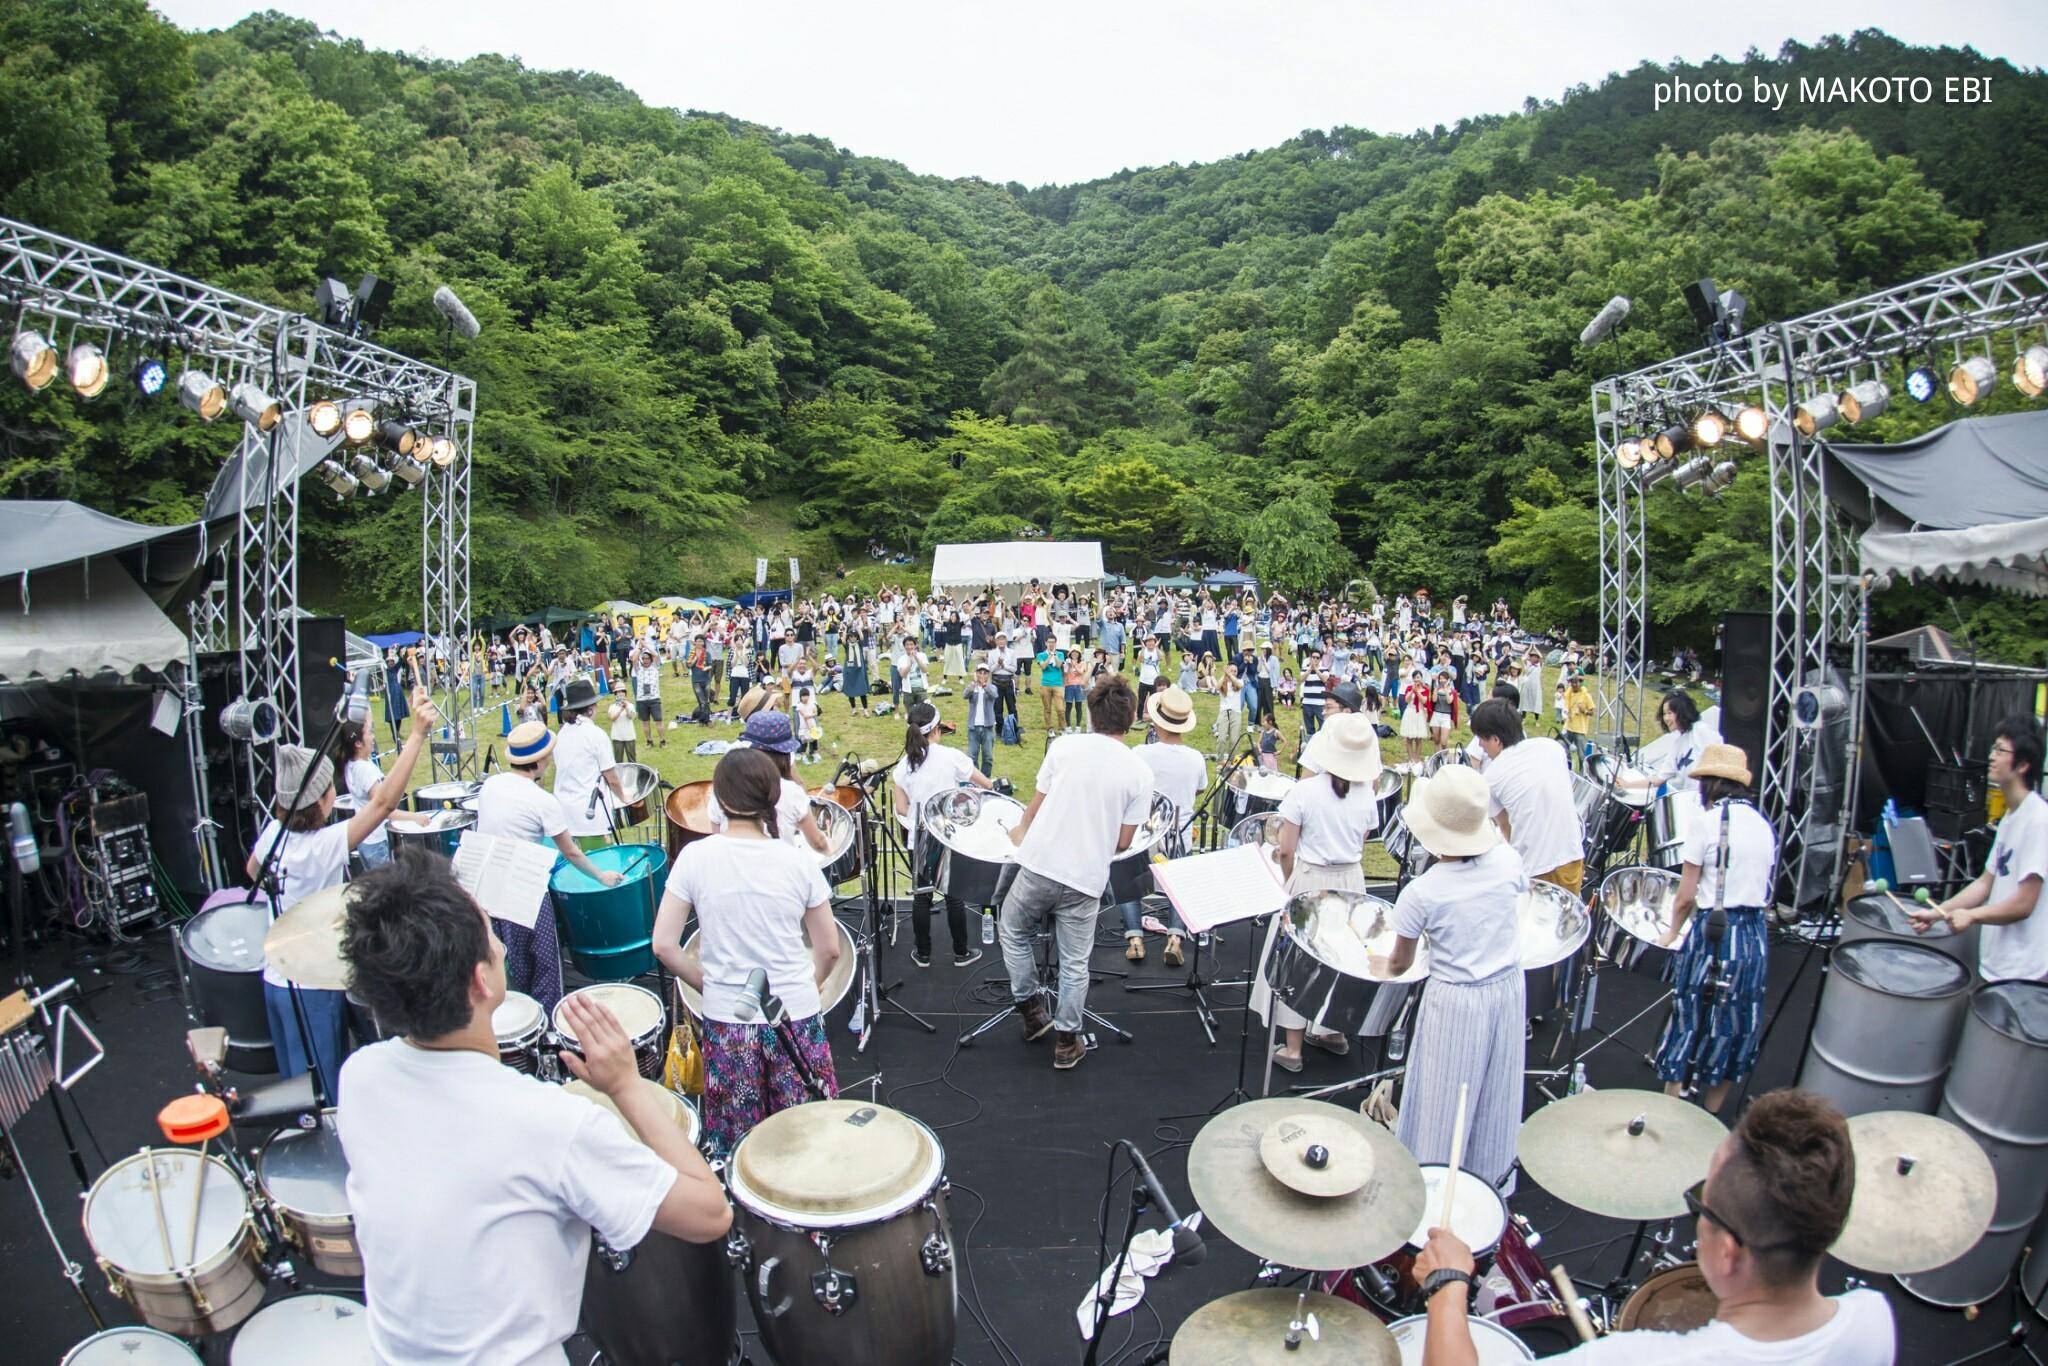 音楽、出店、アート、自然を満喫!『揖斐川ワンダーピクニック』が5月21日開催 - img 125161 2